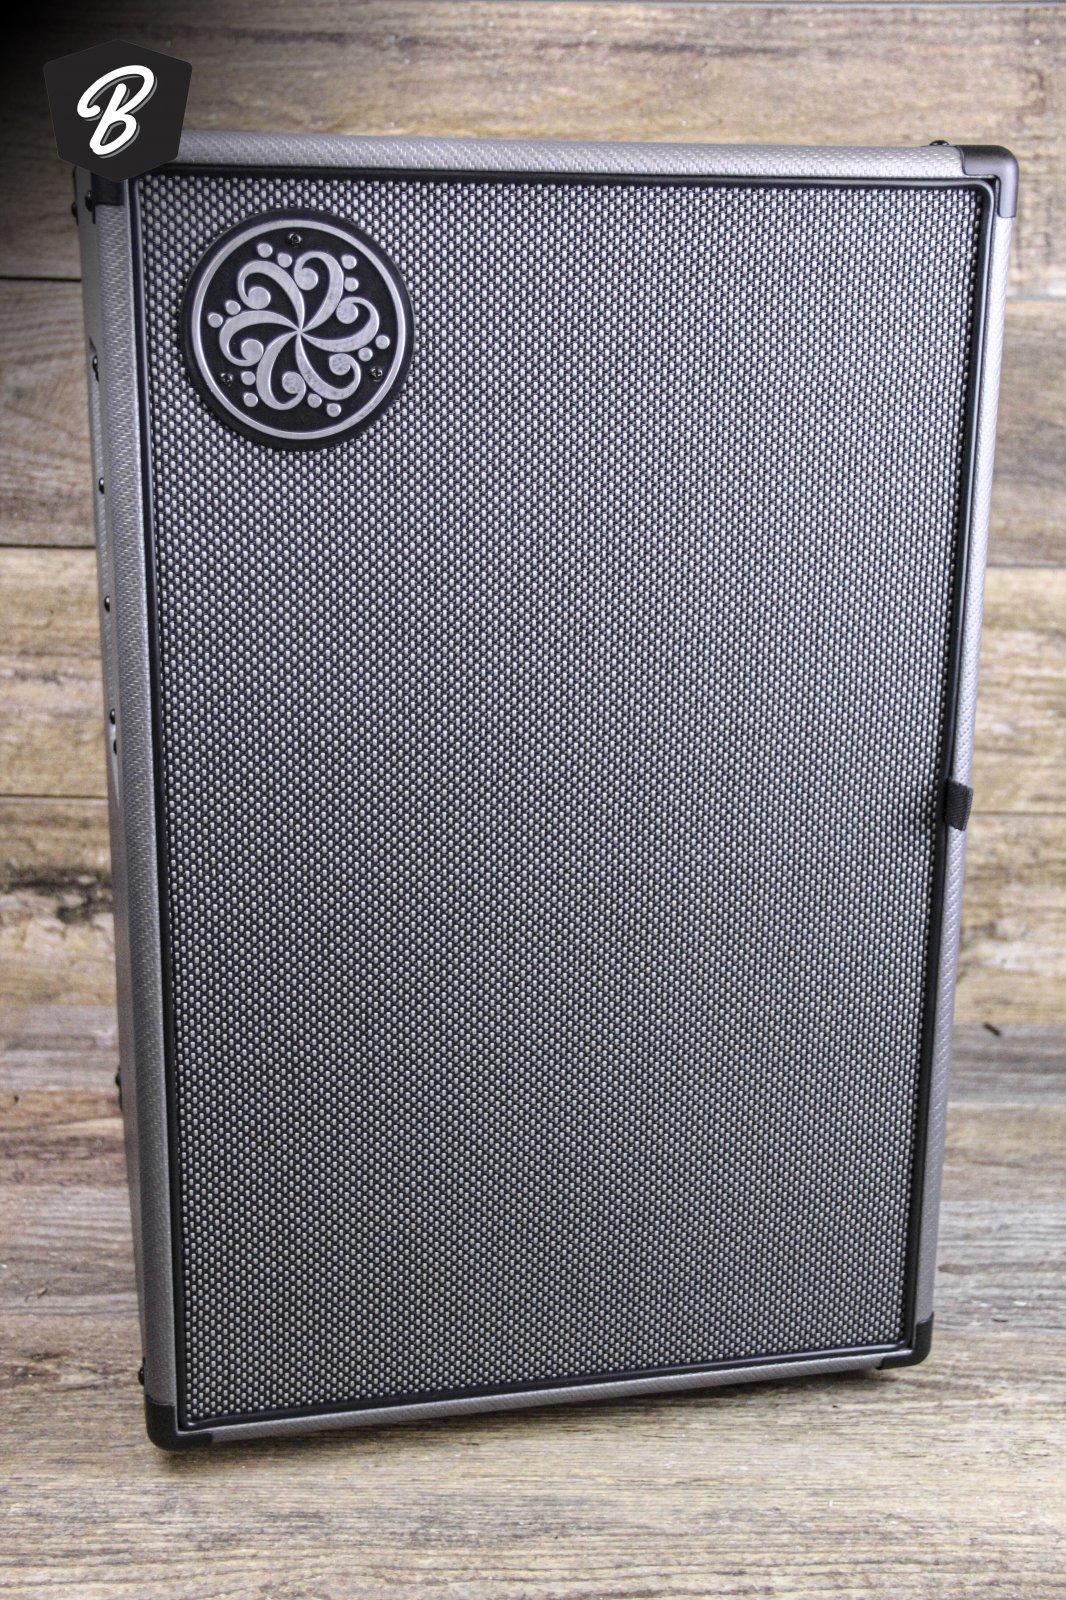 Darkglass DG210NE 500-watt 2x10 Bass Cabinet